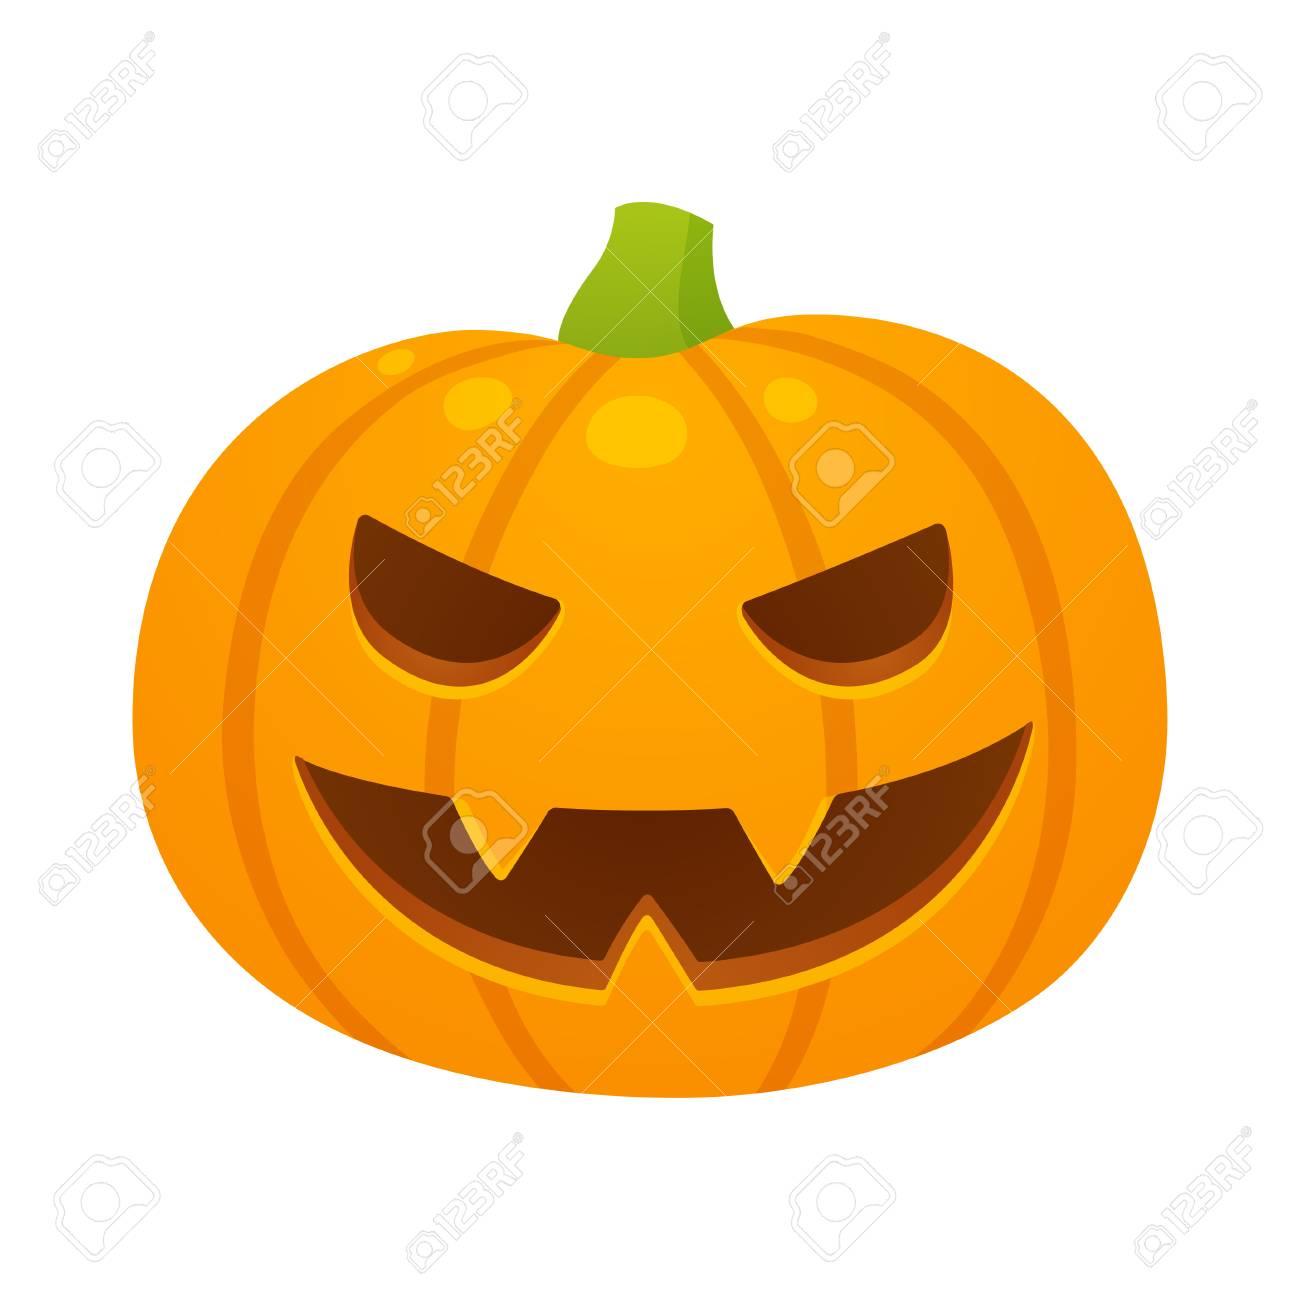 Halloween Tekeningen Pompoen.Vector Halloween Pompoenillustratie Met Kwaad Gesneden Gezicht Cartoon Tekening Geisoleerd Op Een Witte Achtergrond